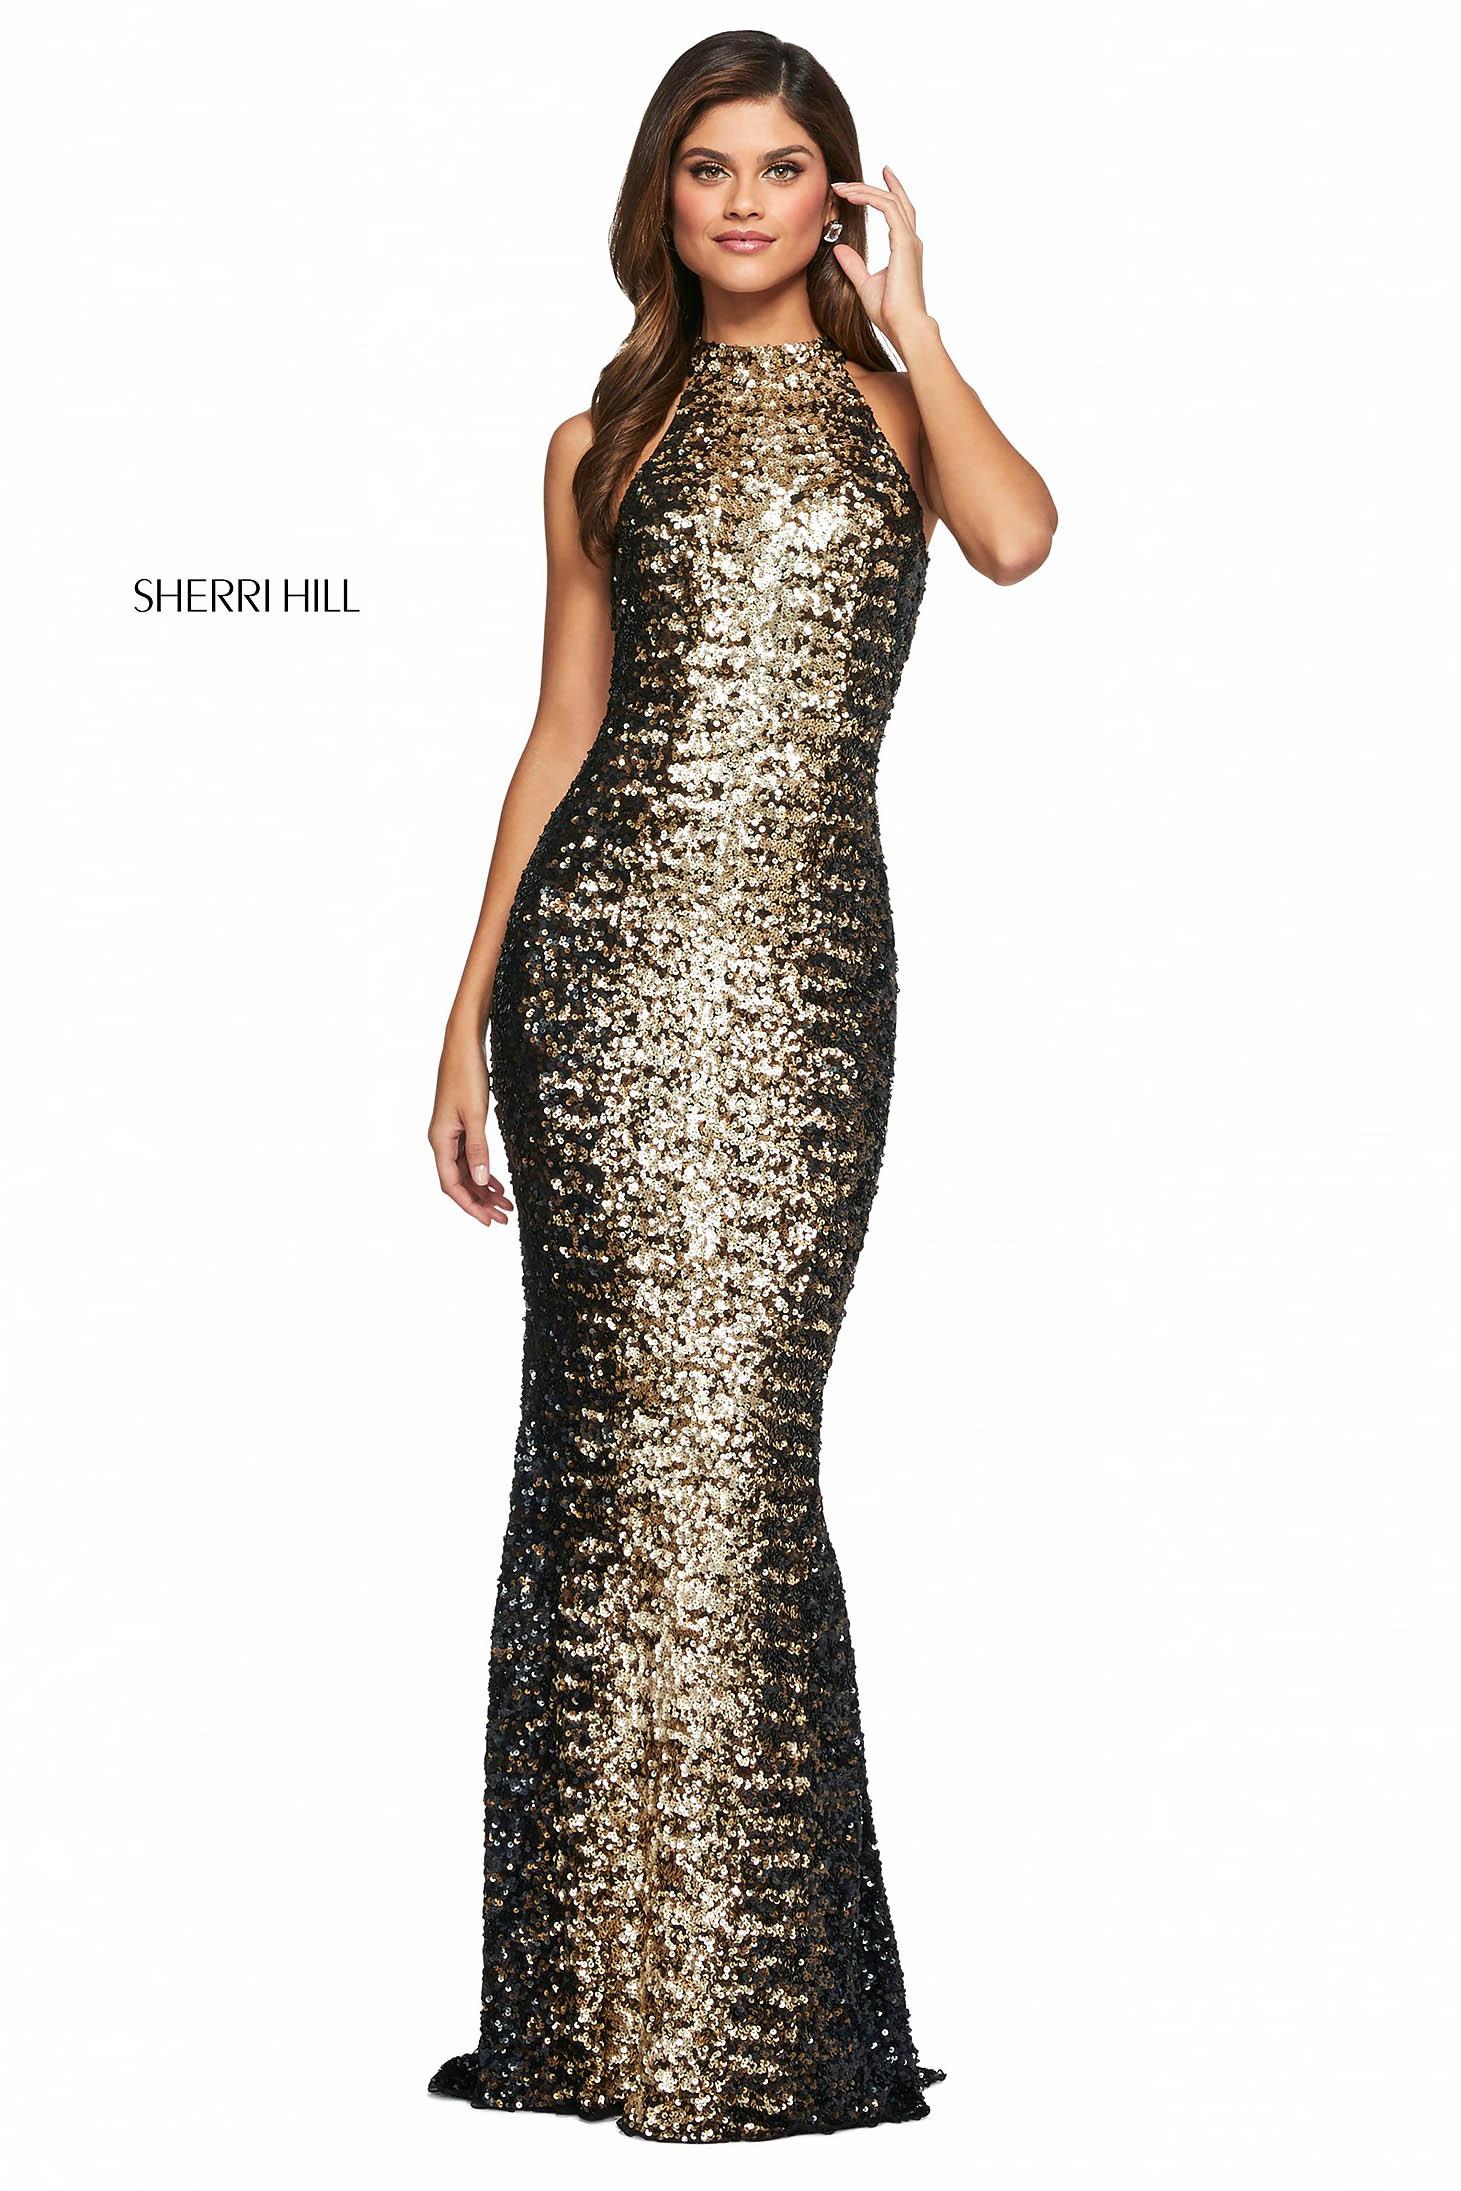 Rochie Sherri Hill 53667 black/copper/gold